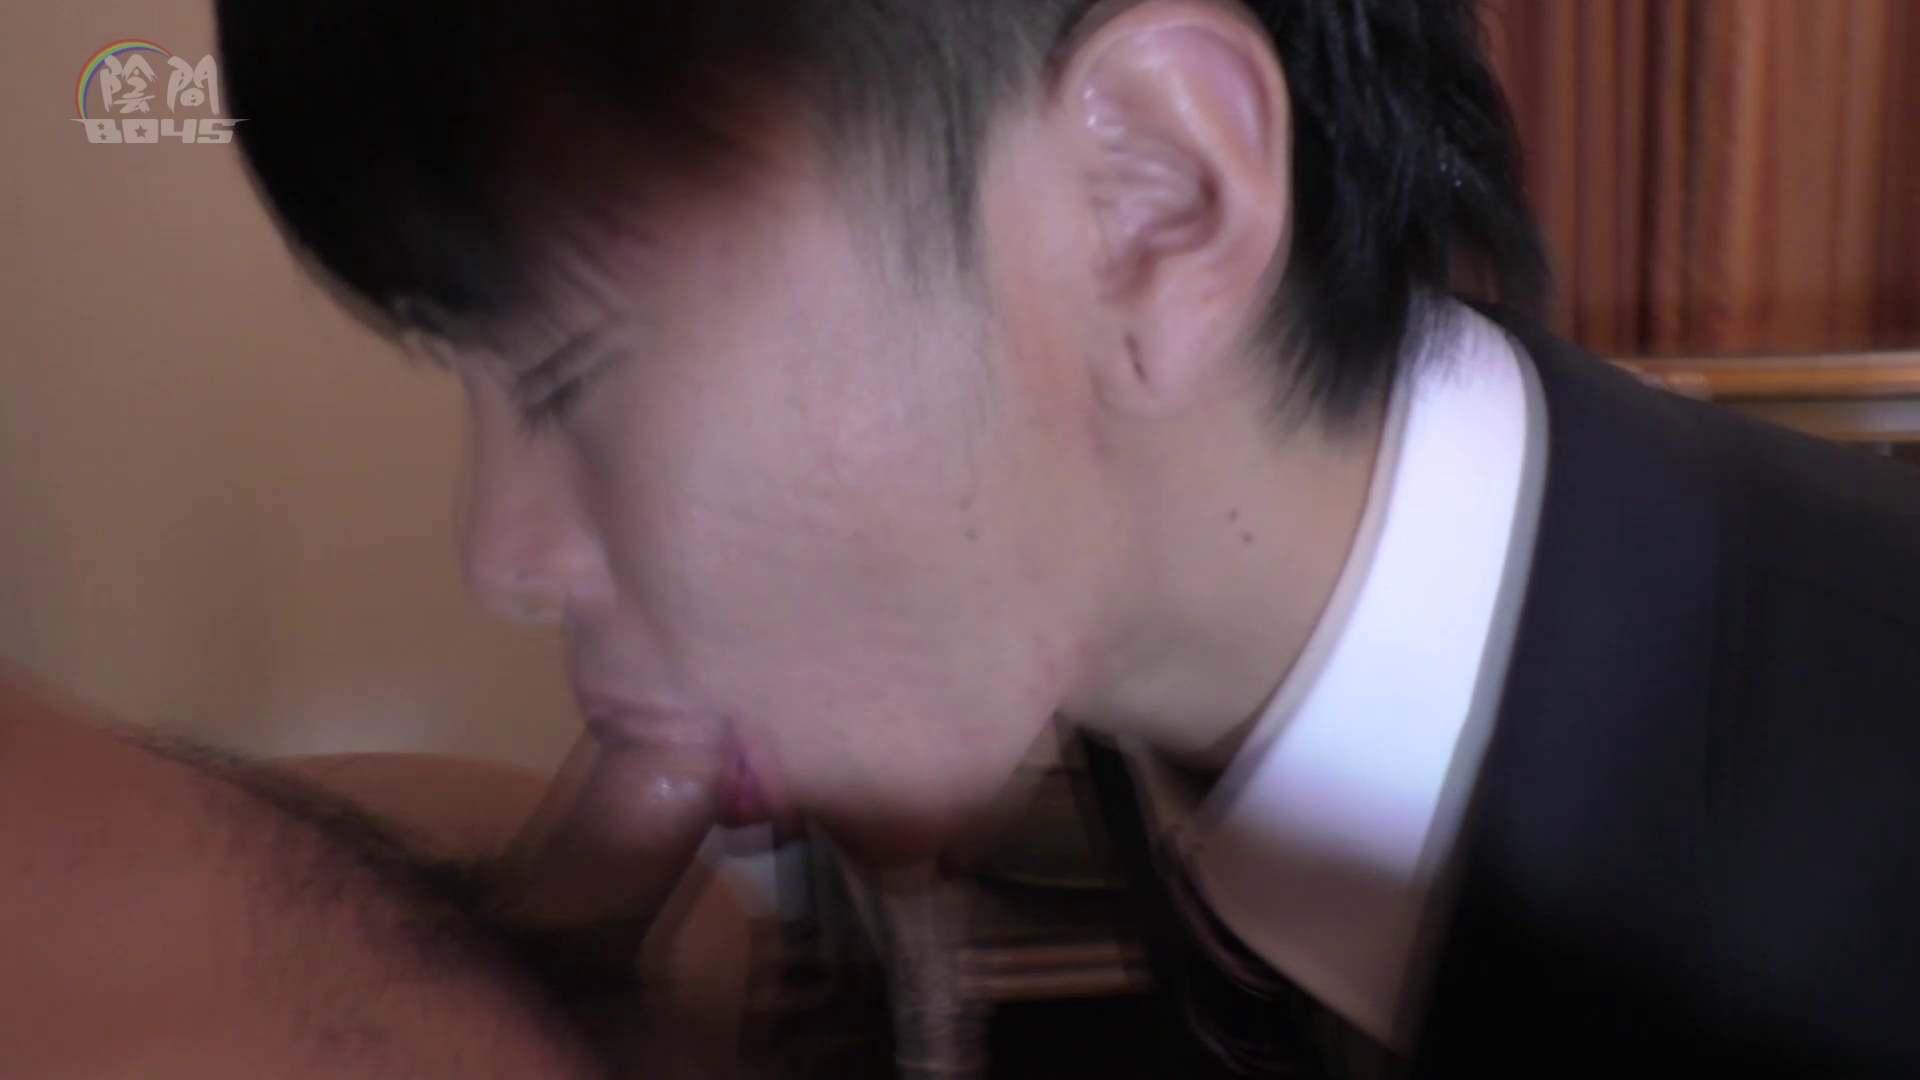 キャバクラの仕事はアナルから6  ~アナルの囁き~Vol.03 ゲイのオナニー映像  100枚 60